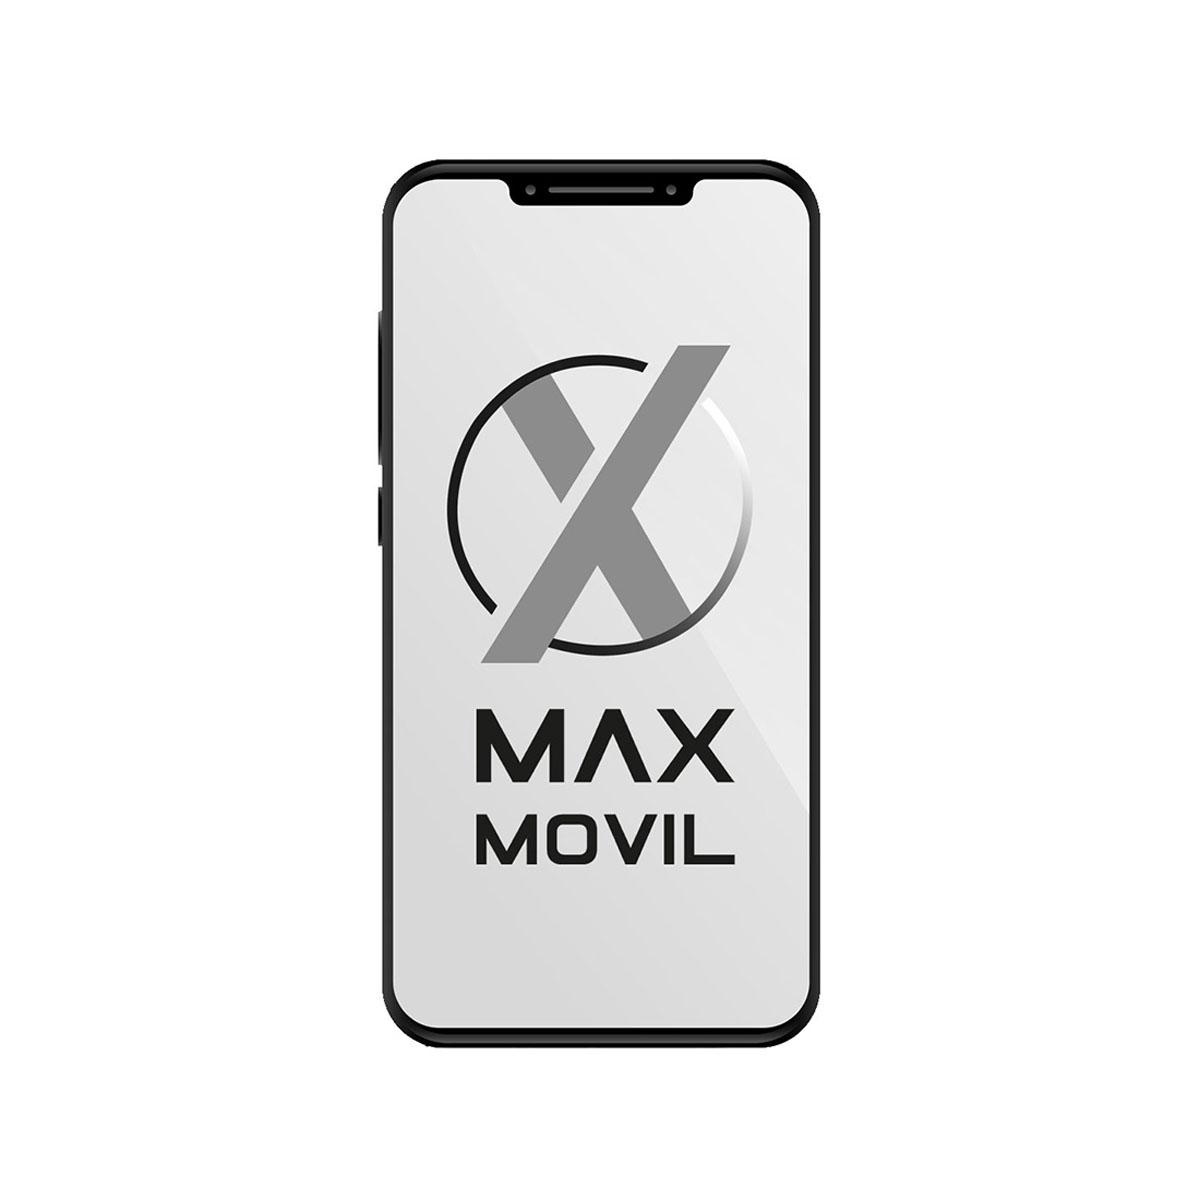 Moviltruito | Huawei GX8 Mystic Champagne Dual Sim libre SEMINUEVO